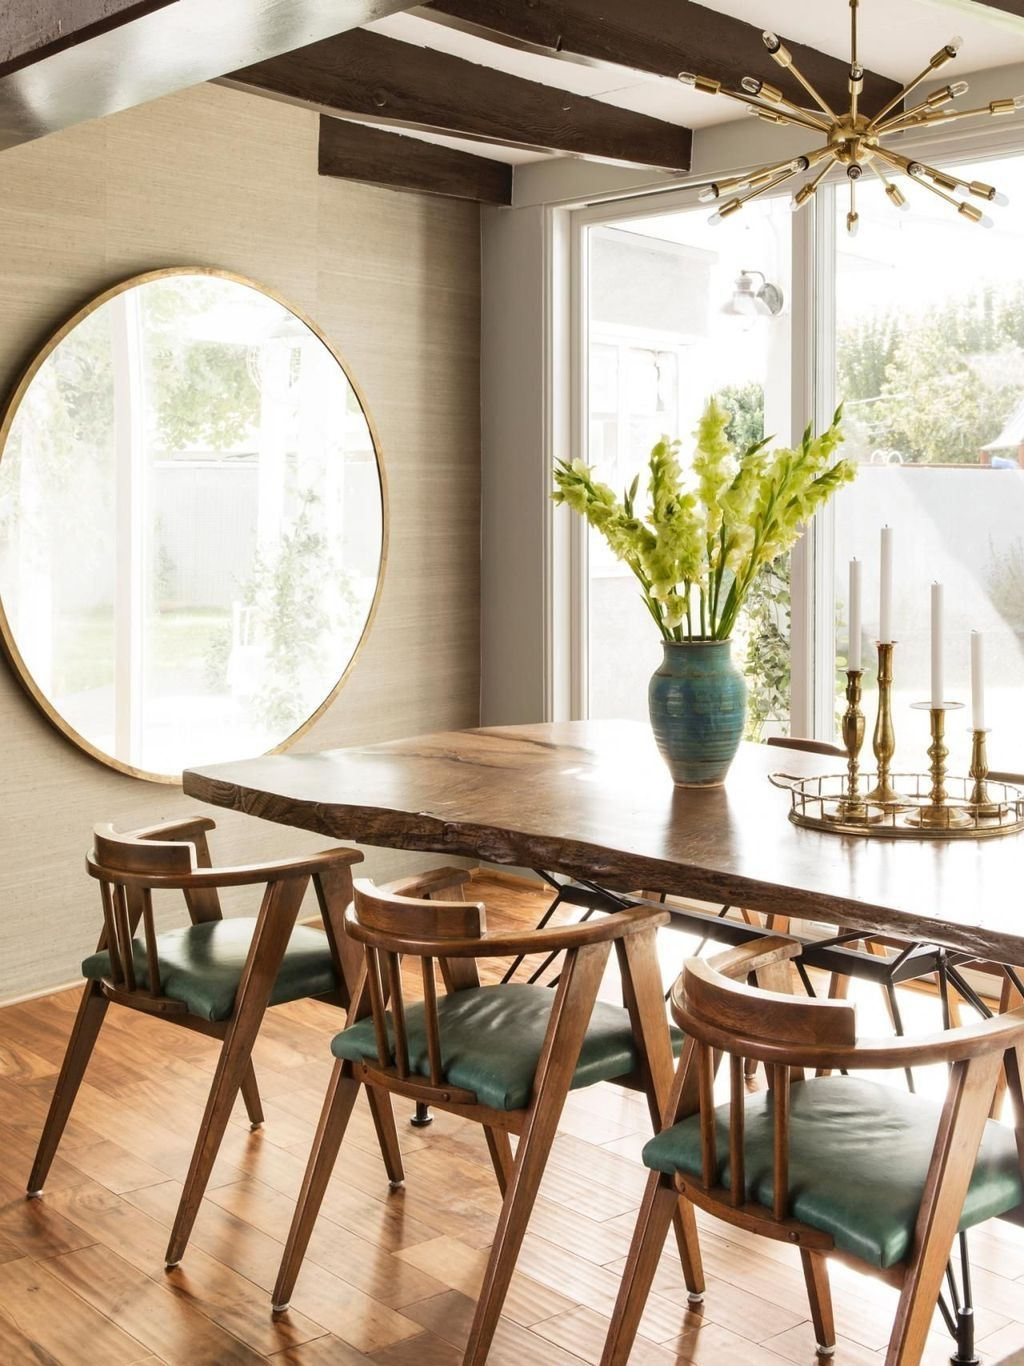 Miroir Salle De Sejour 20+ unique dining place decor ideas thath trending today